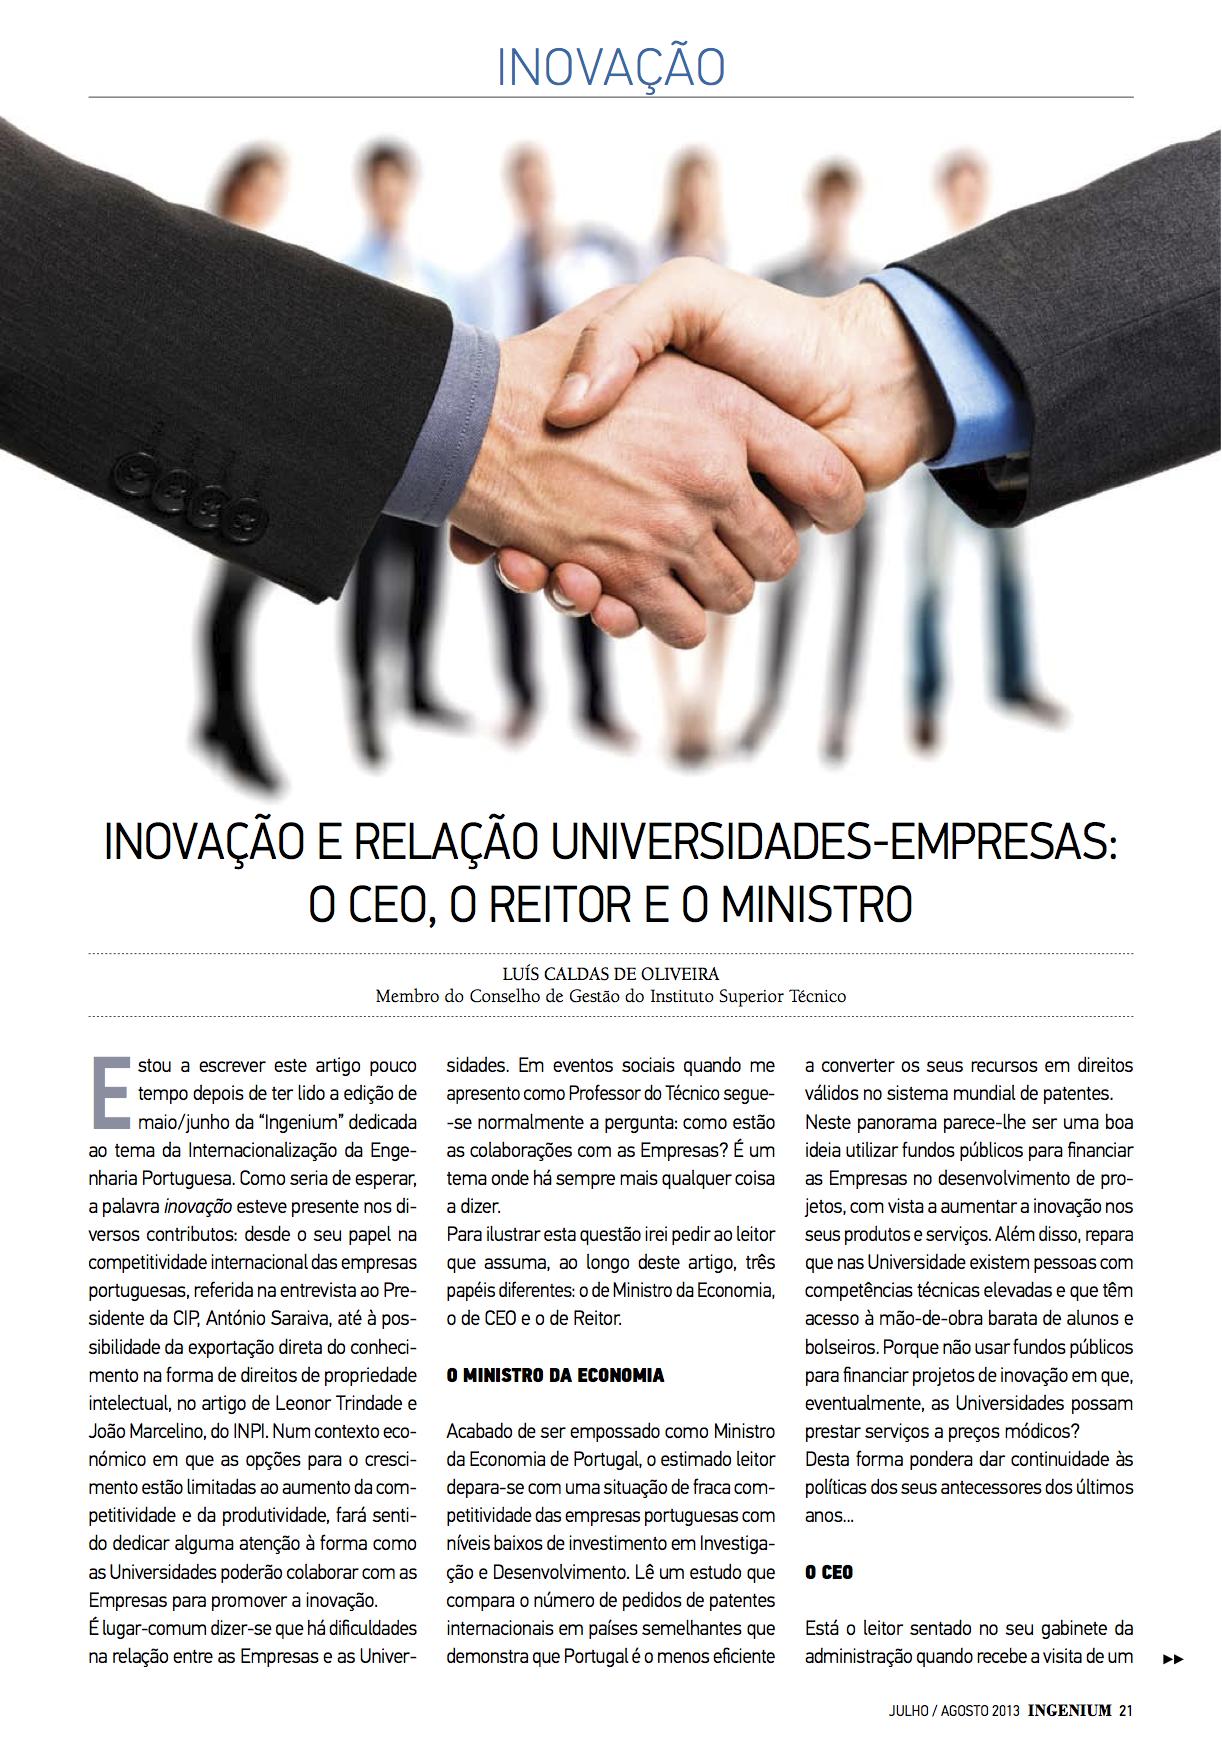 Artigo na revista Ingenium de jul-ago 2013